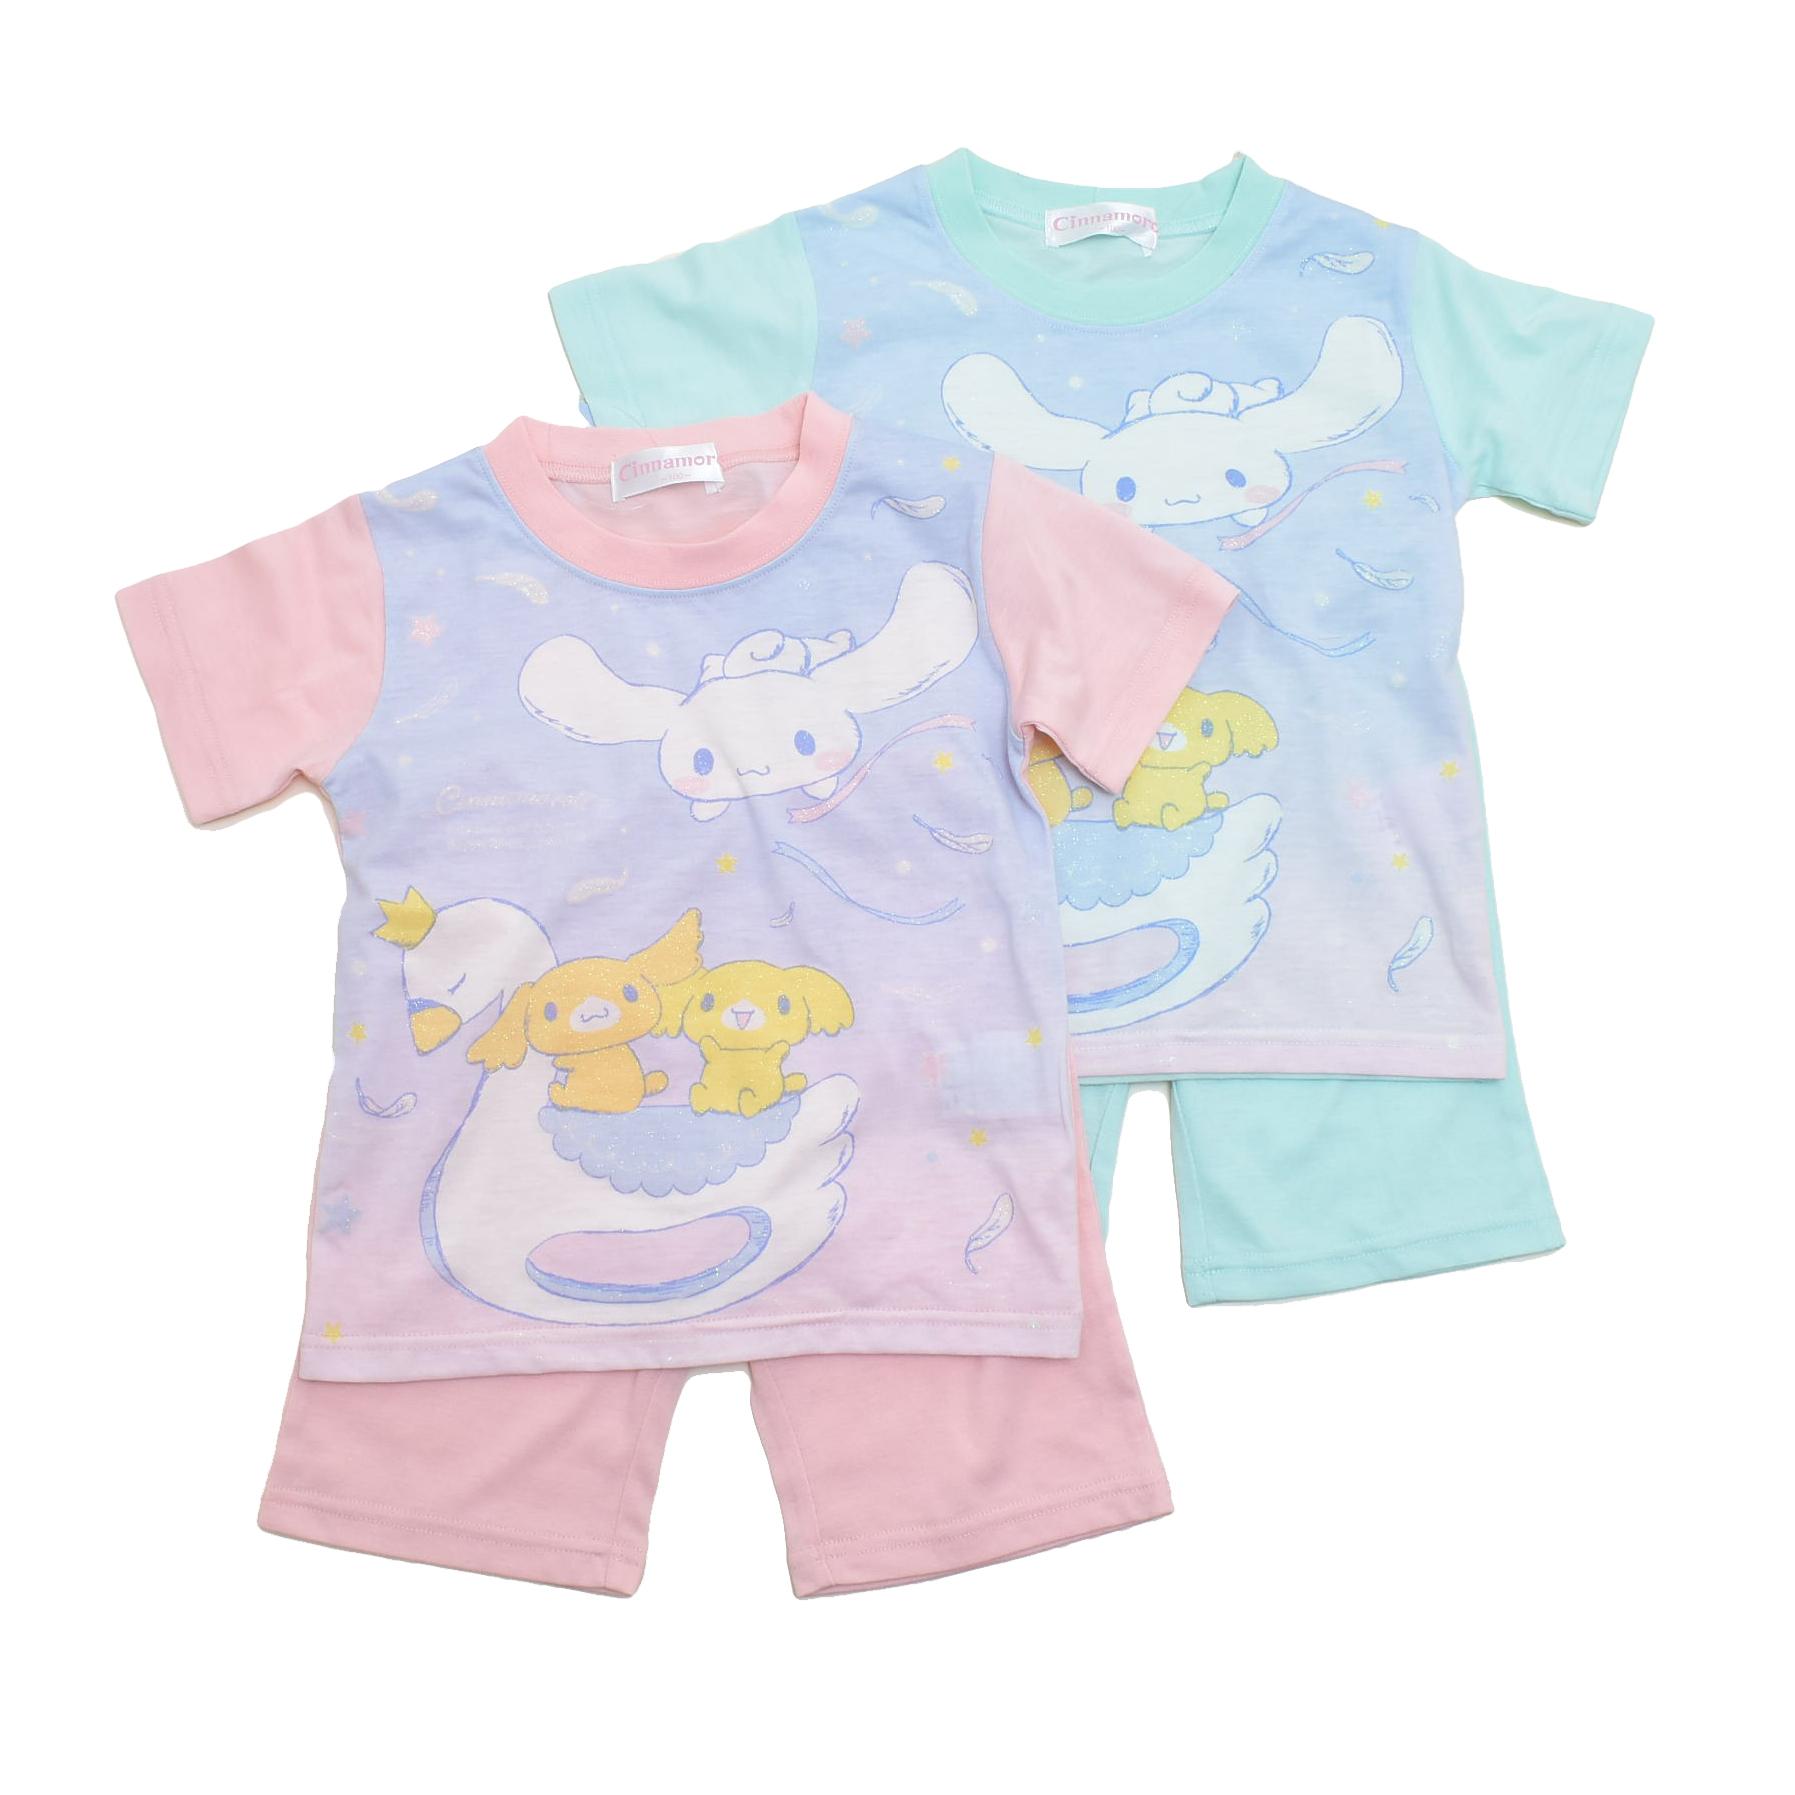 サンリオ シナモロール 半袖Tシャツ生地のパジャマ  100-130cm(132CN0071)